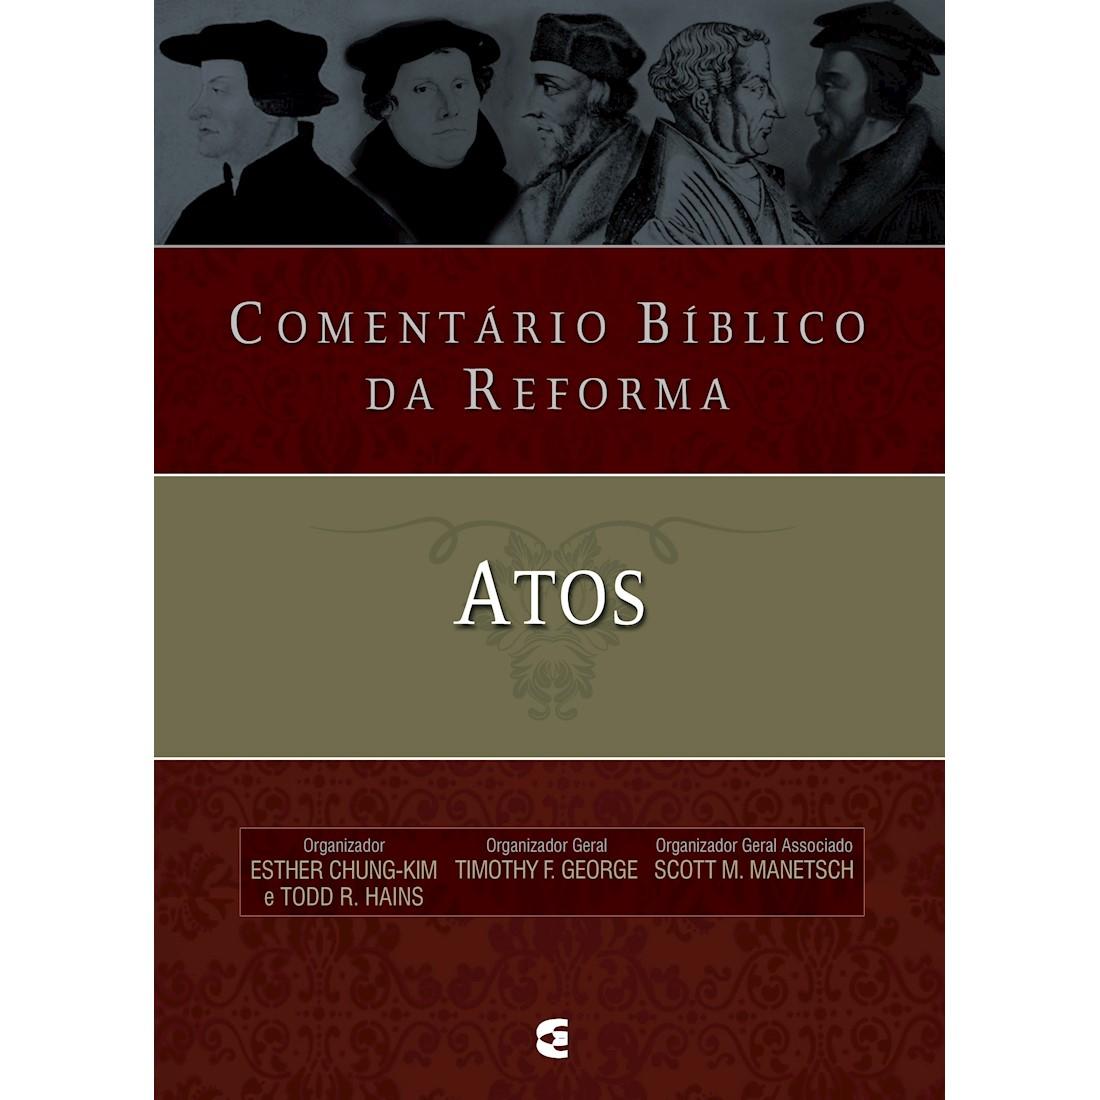 Livro Comentário Bíblico da Reforma - Atos